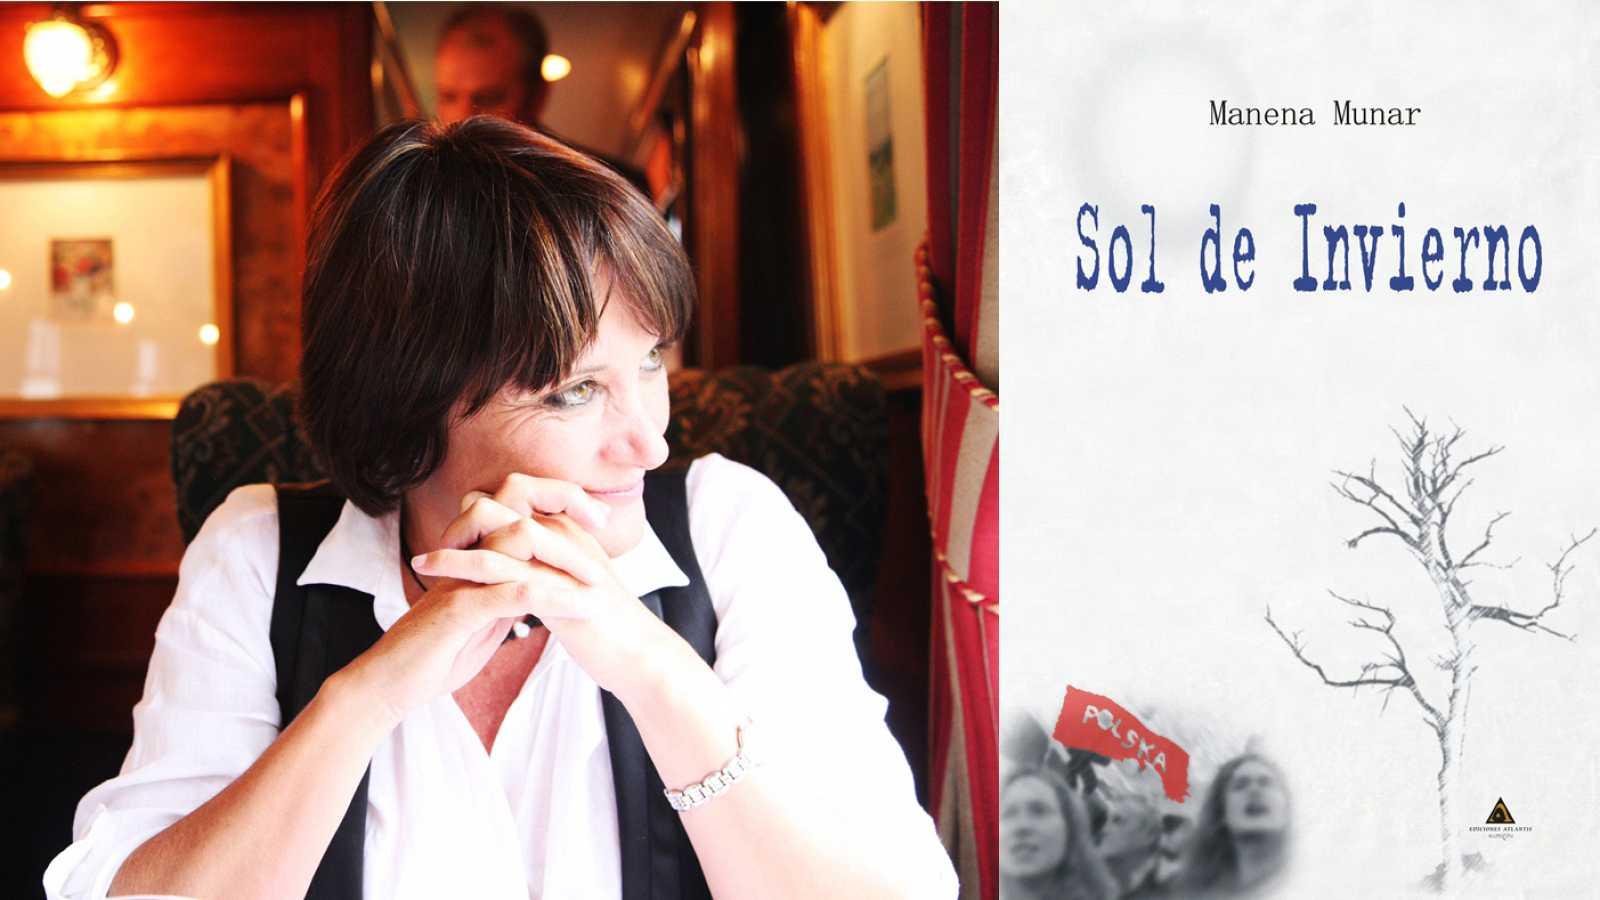 Artesfera - 'Sol de invierno' de Manena Munar - 13/07/16 - Escuchar ahora